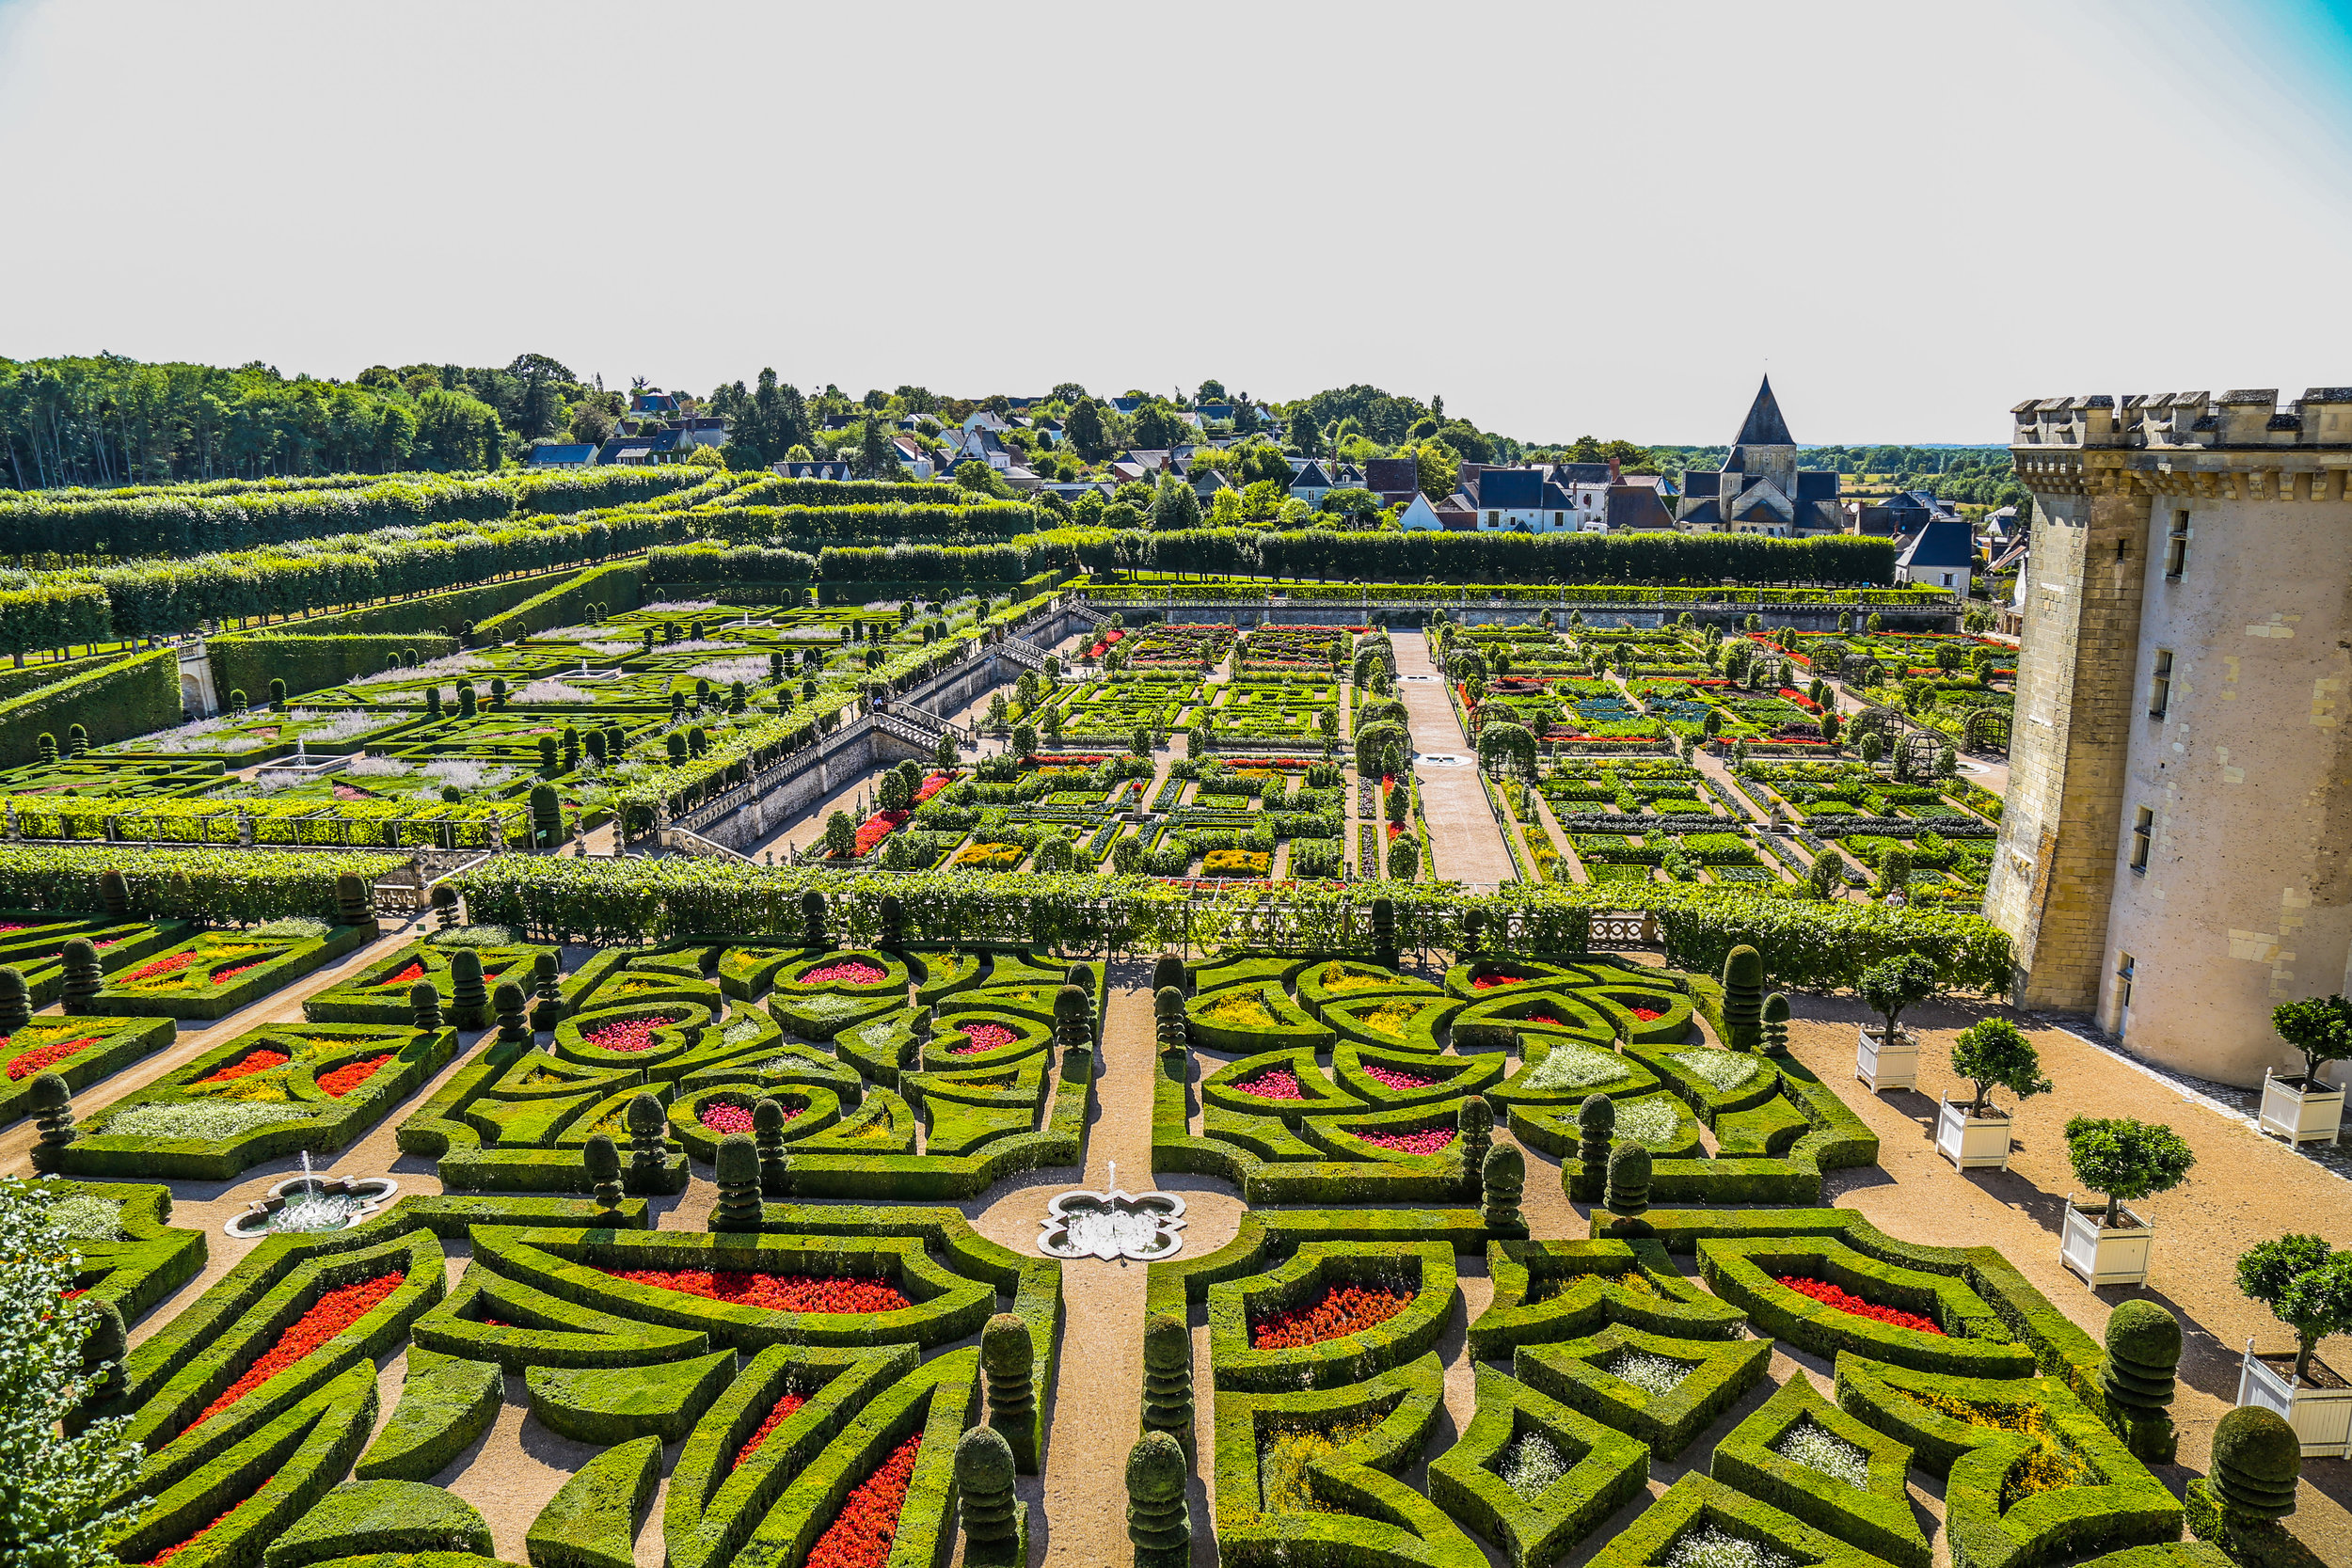 Villandry_Gardens_From_Top.jpg